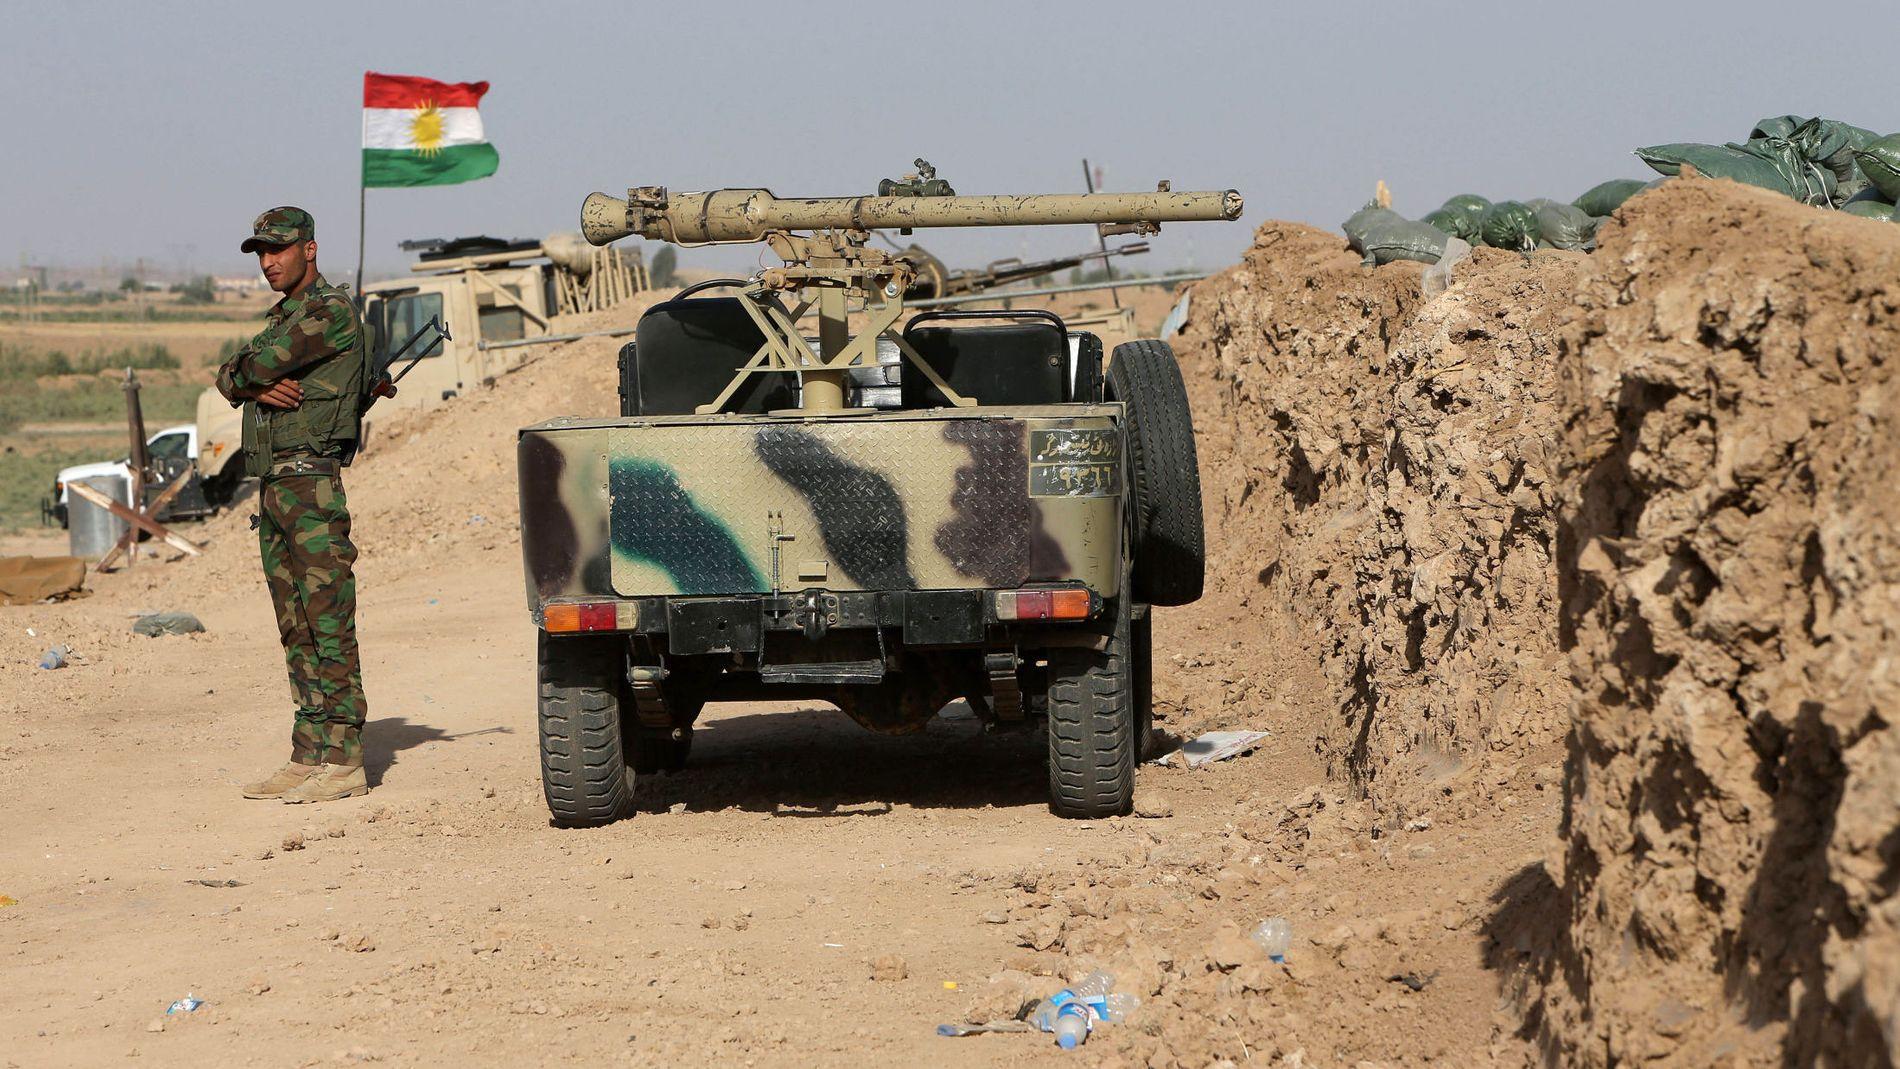 KONFLIKT: De siste to ukene har konflikten i Irak tilspisset seg. I forrige uke erklaærte opprørerne en ege stat i Nors-Irak.